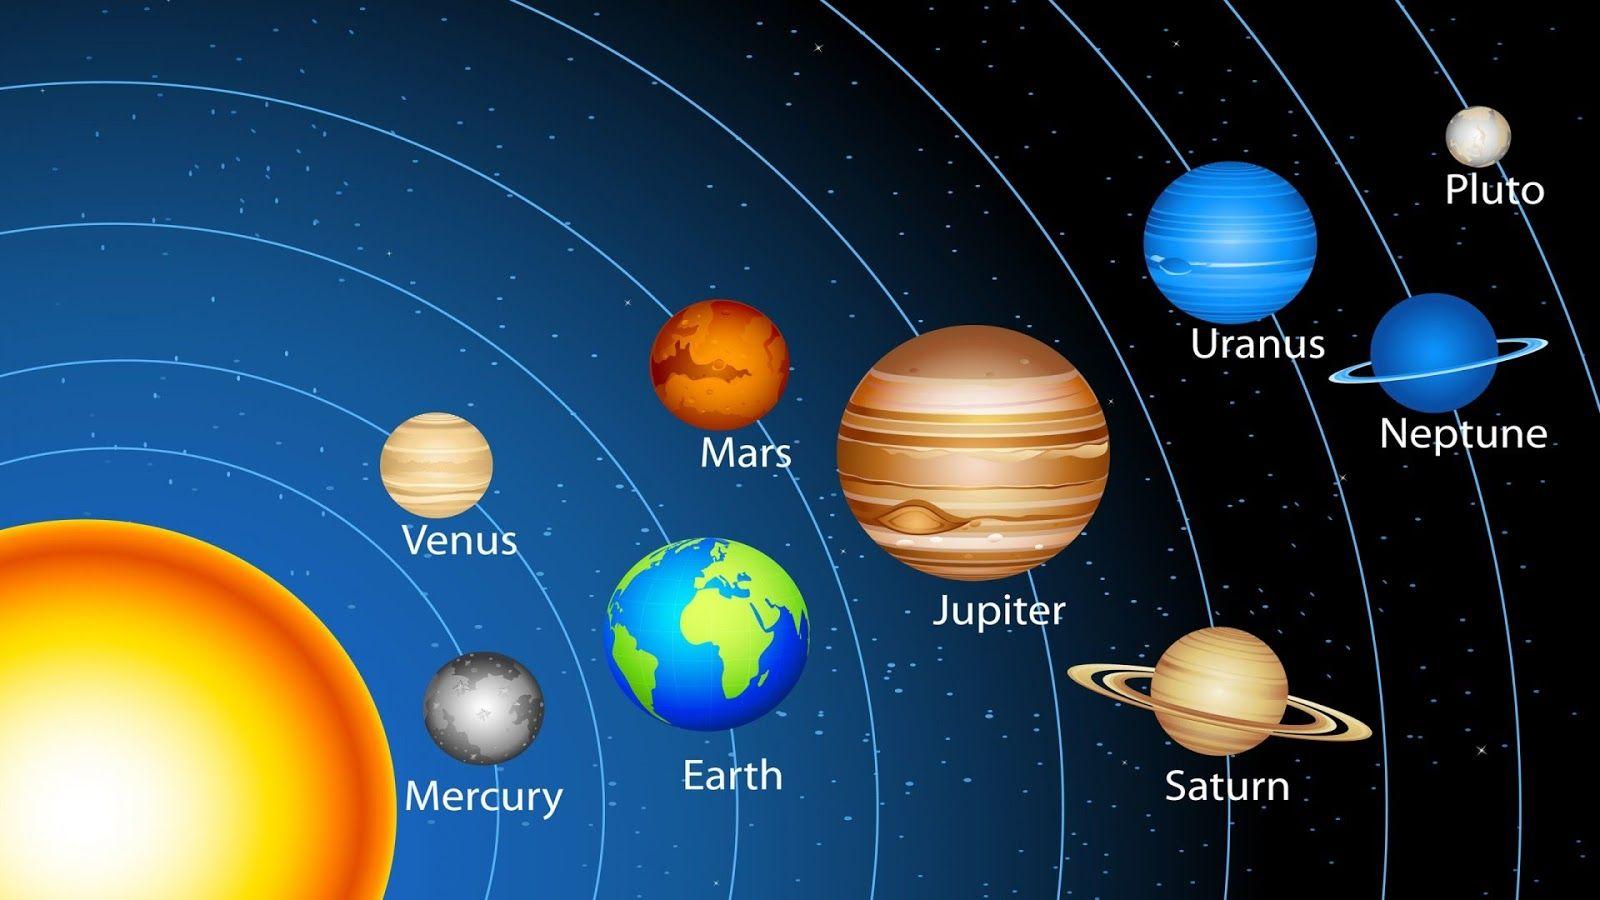 Imagenes De Los Planetas Del Sistema Solar 2019 Para Ninos Maquetas Colorear Ap Imagenes De Los Planetas Planetas Del Sistema Solar Colores De Los Planetas